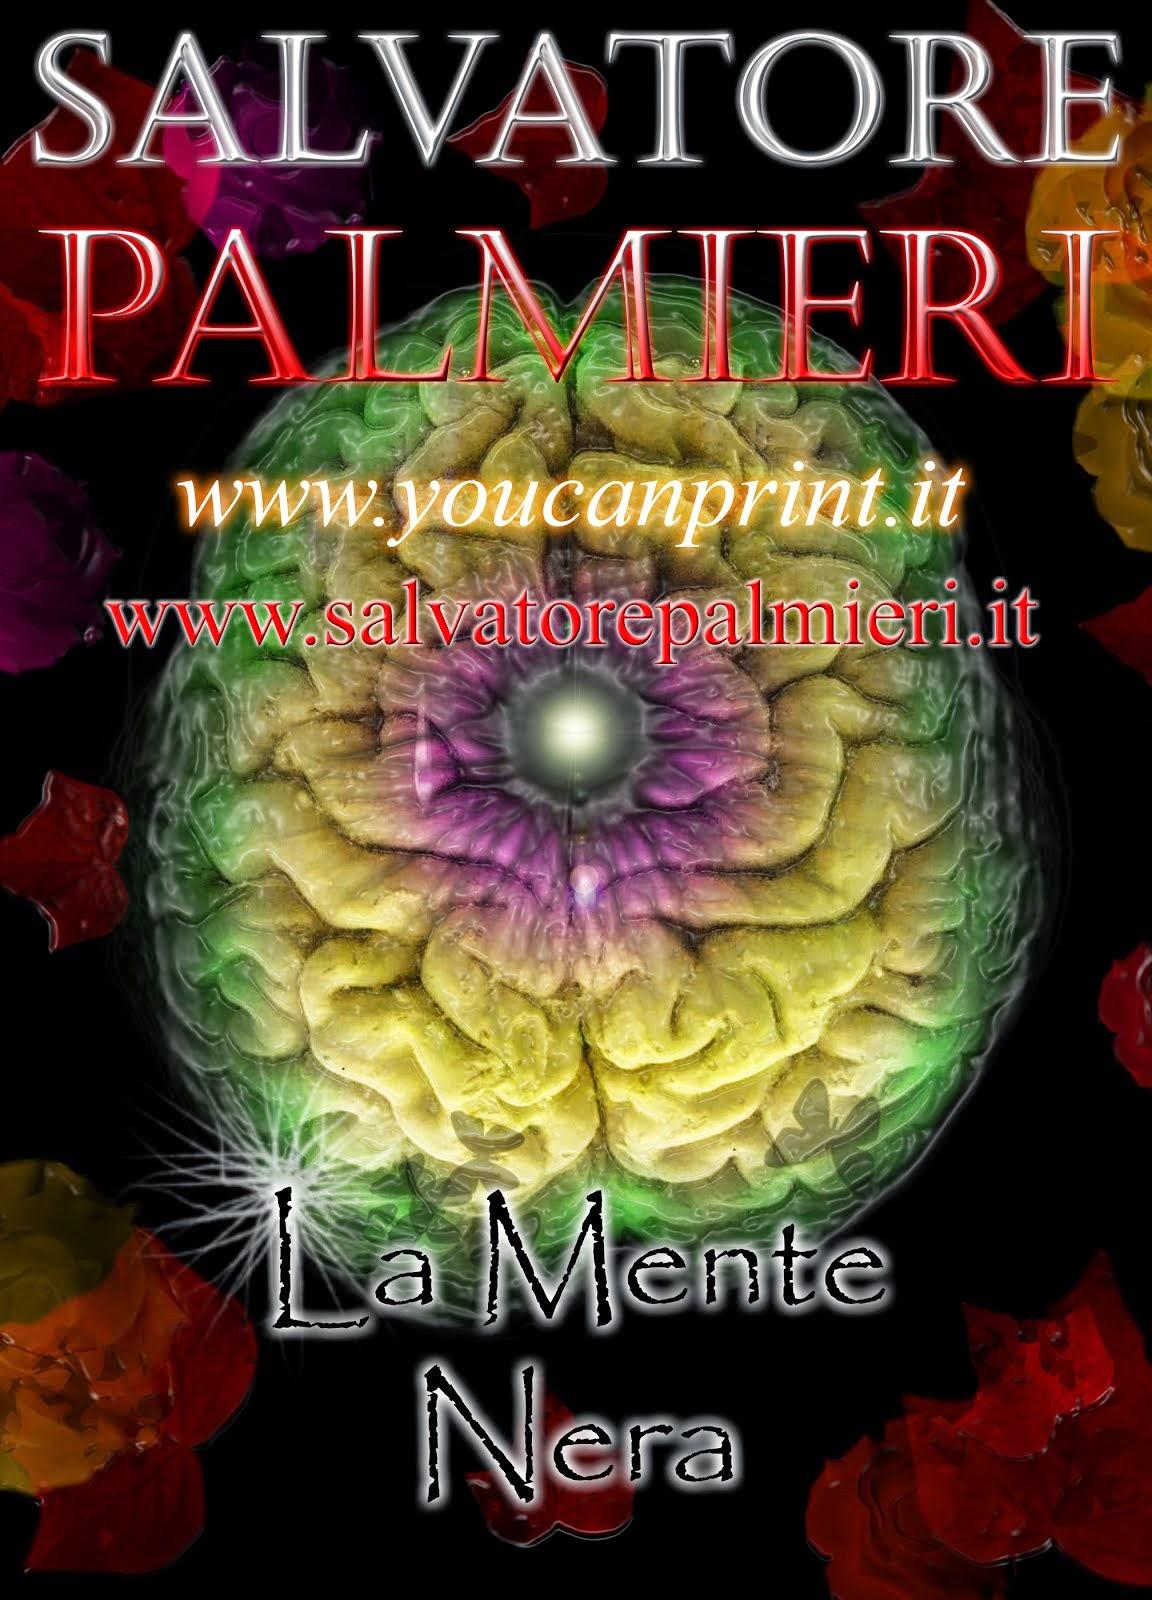 """""""La Mente Nera"""" - di Salvatore Palmieri"""